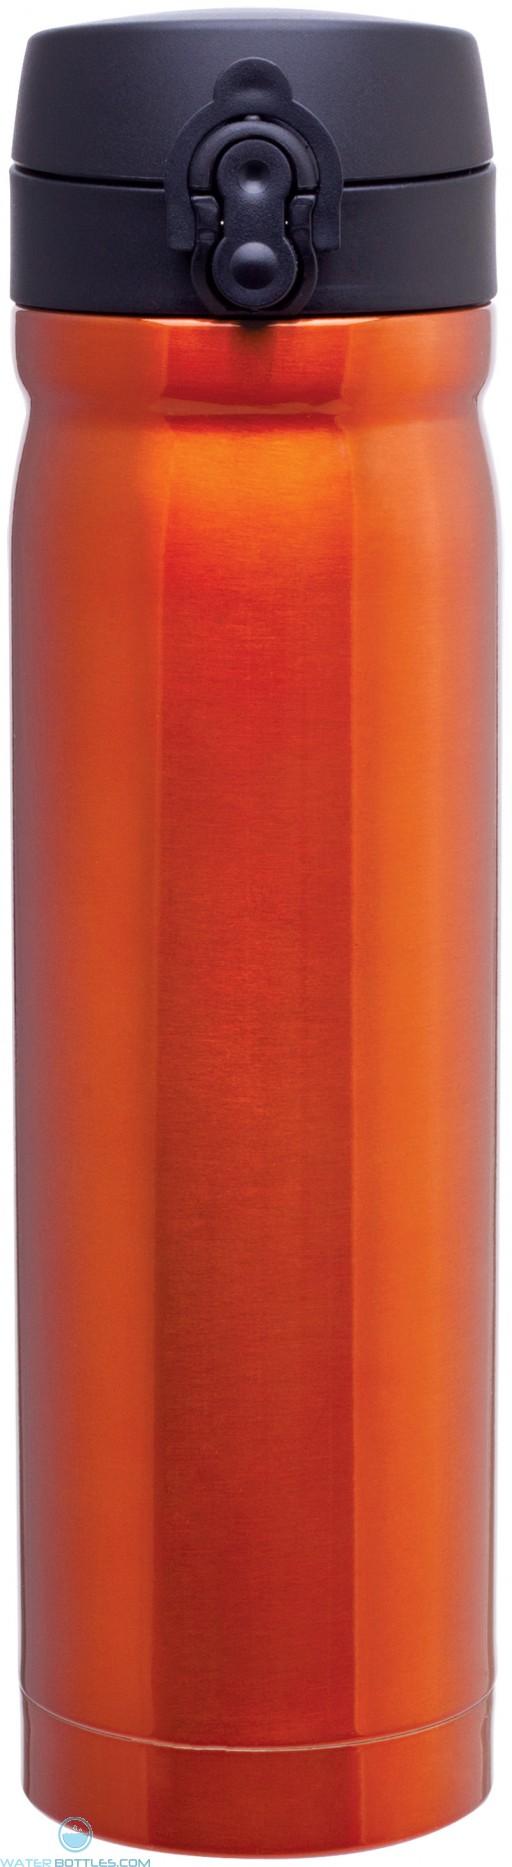 Vessel Stainless Steel Water Bottles | 15 oz - Orange